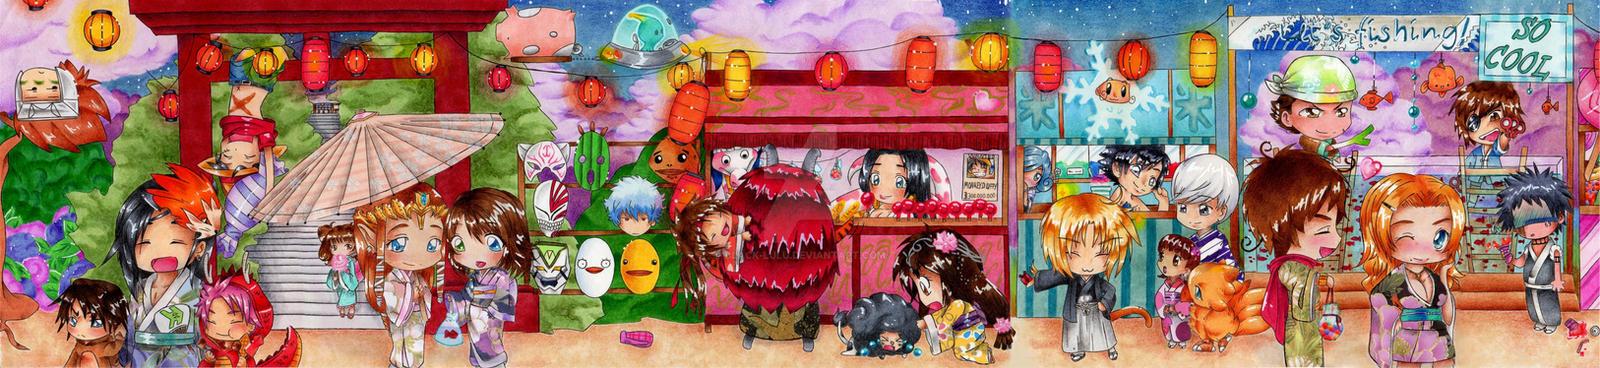 Festival of Chibis Part II by Black-Lulu